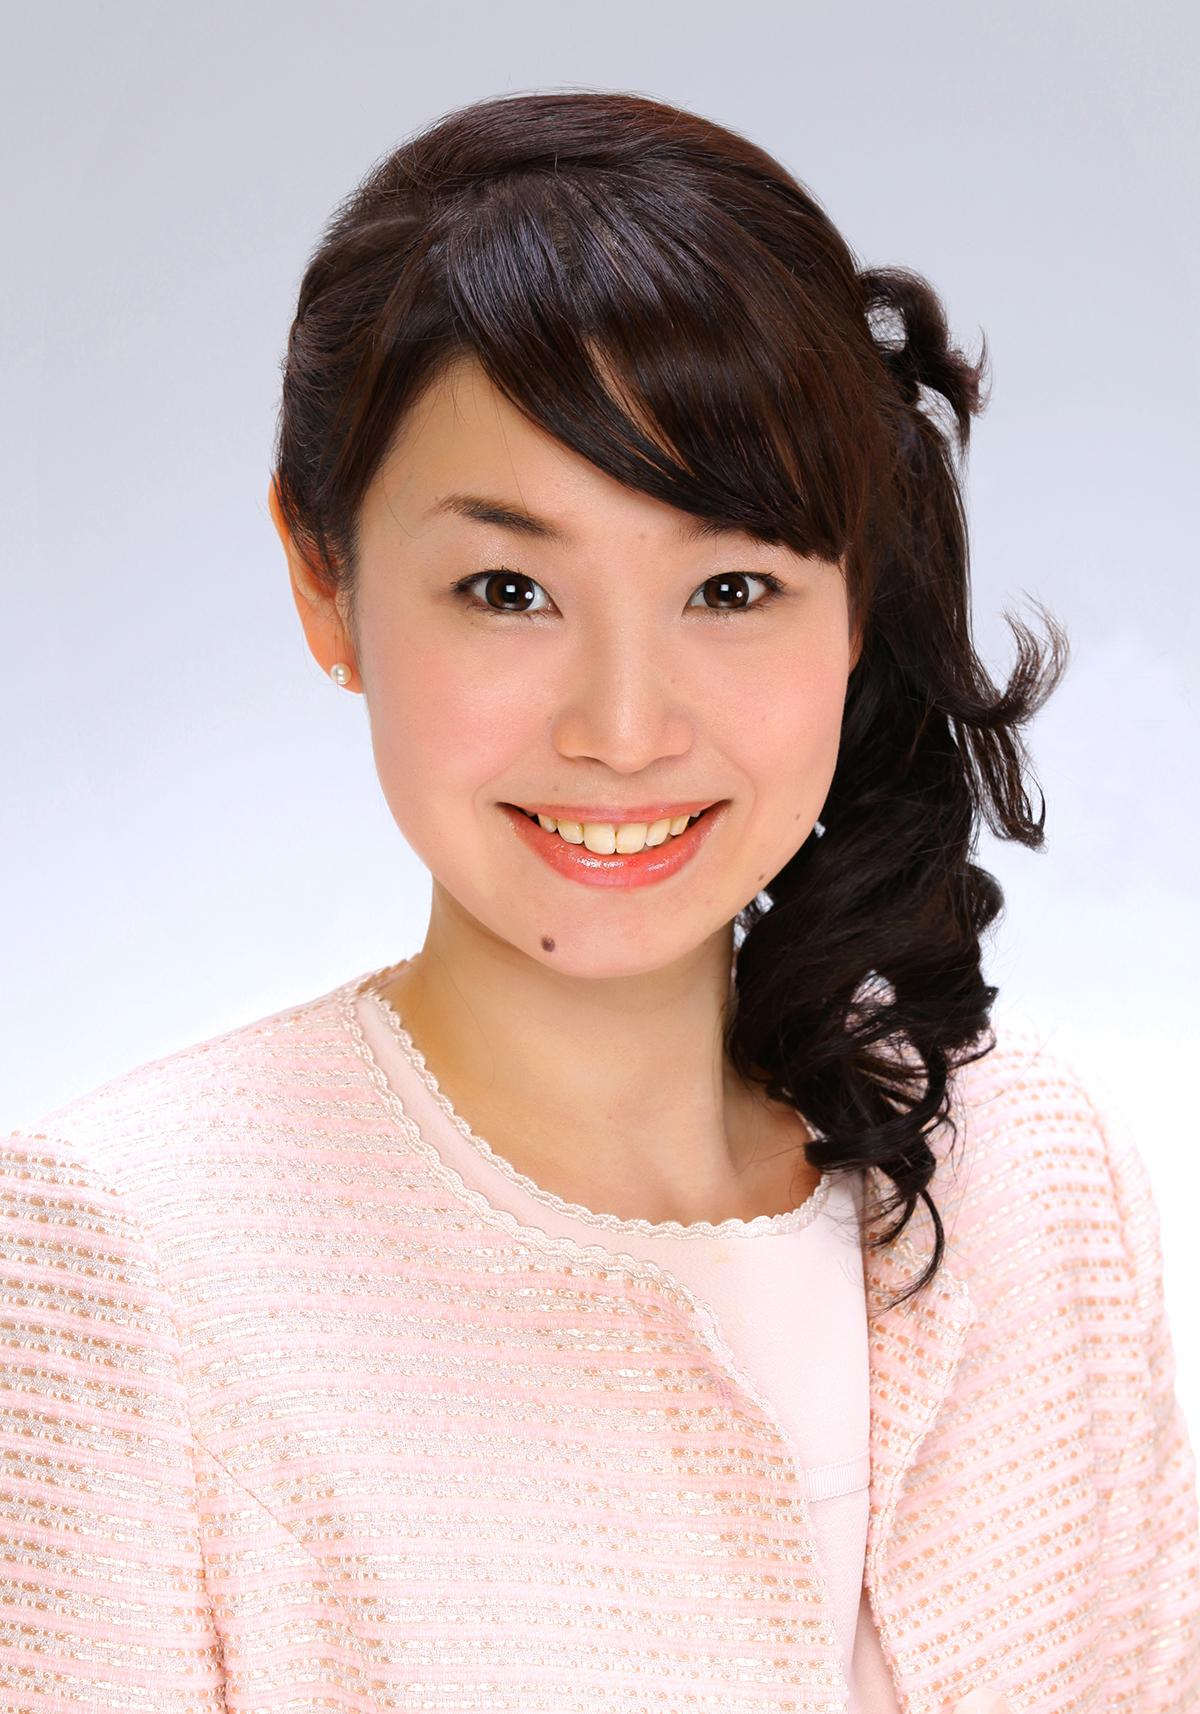 Yoko nakajima in the seventy years of age - 1 part 5